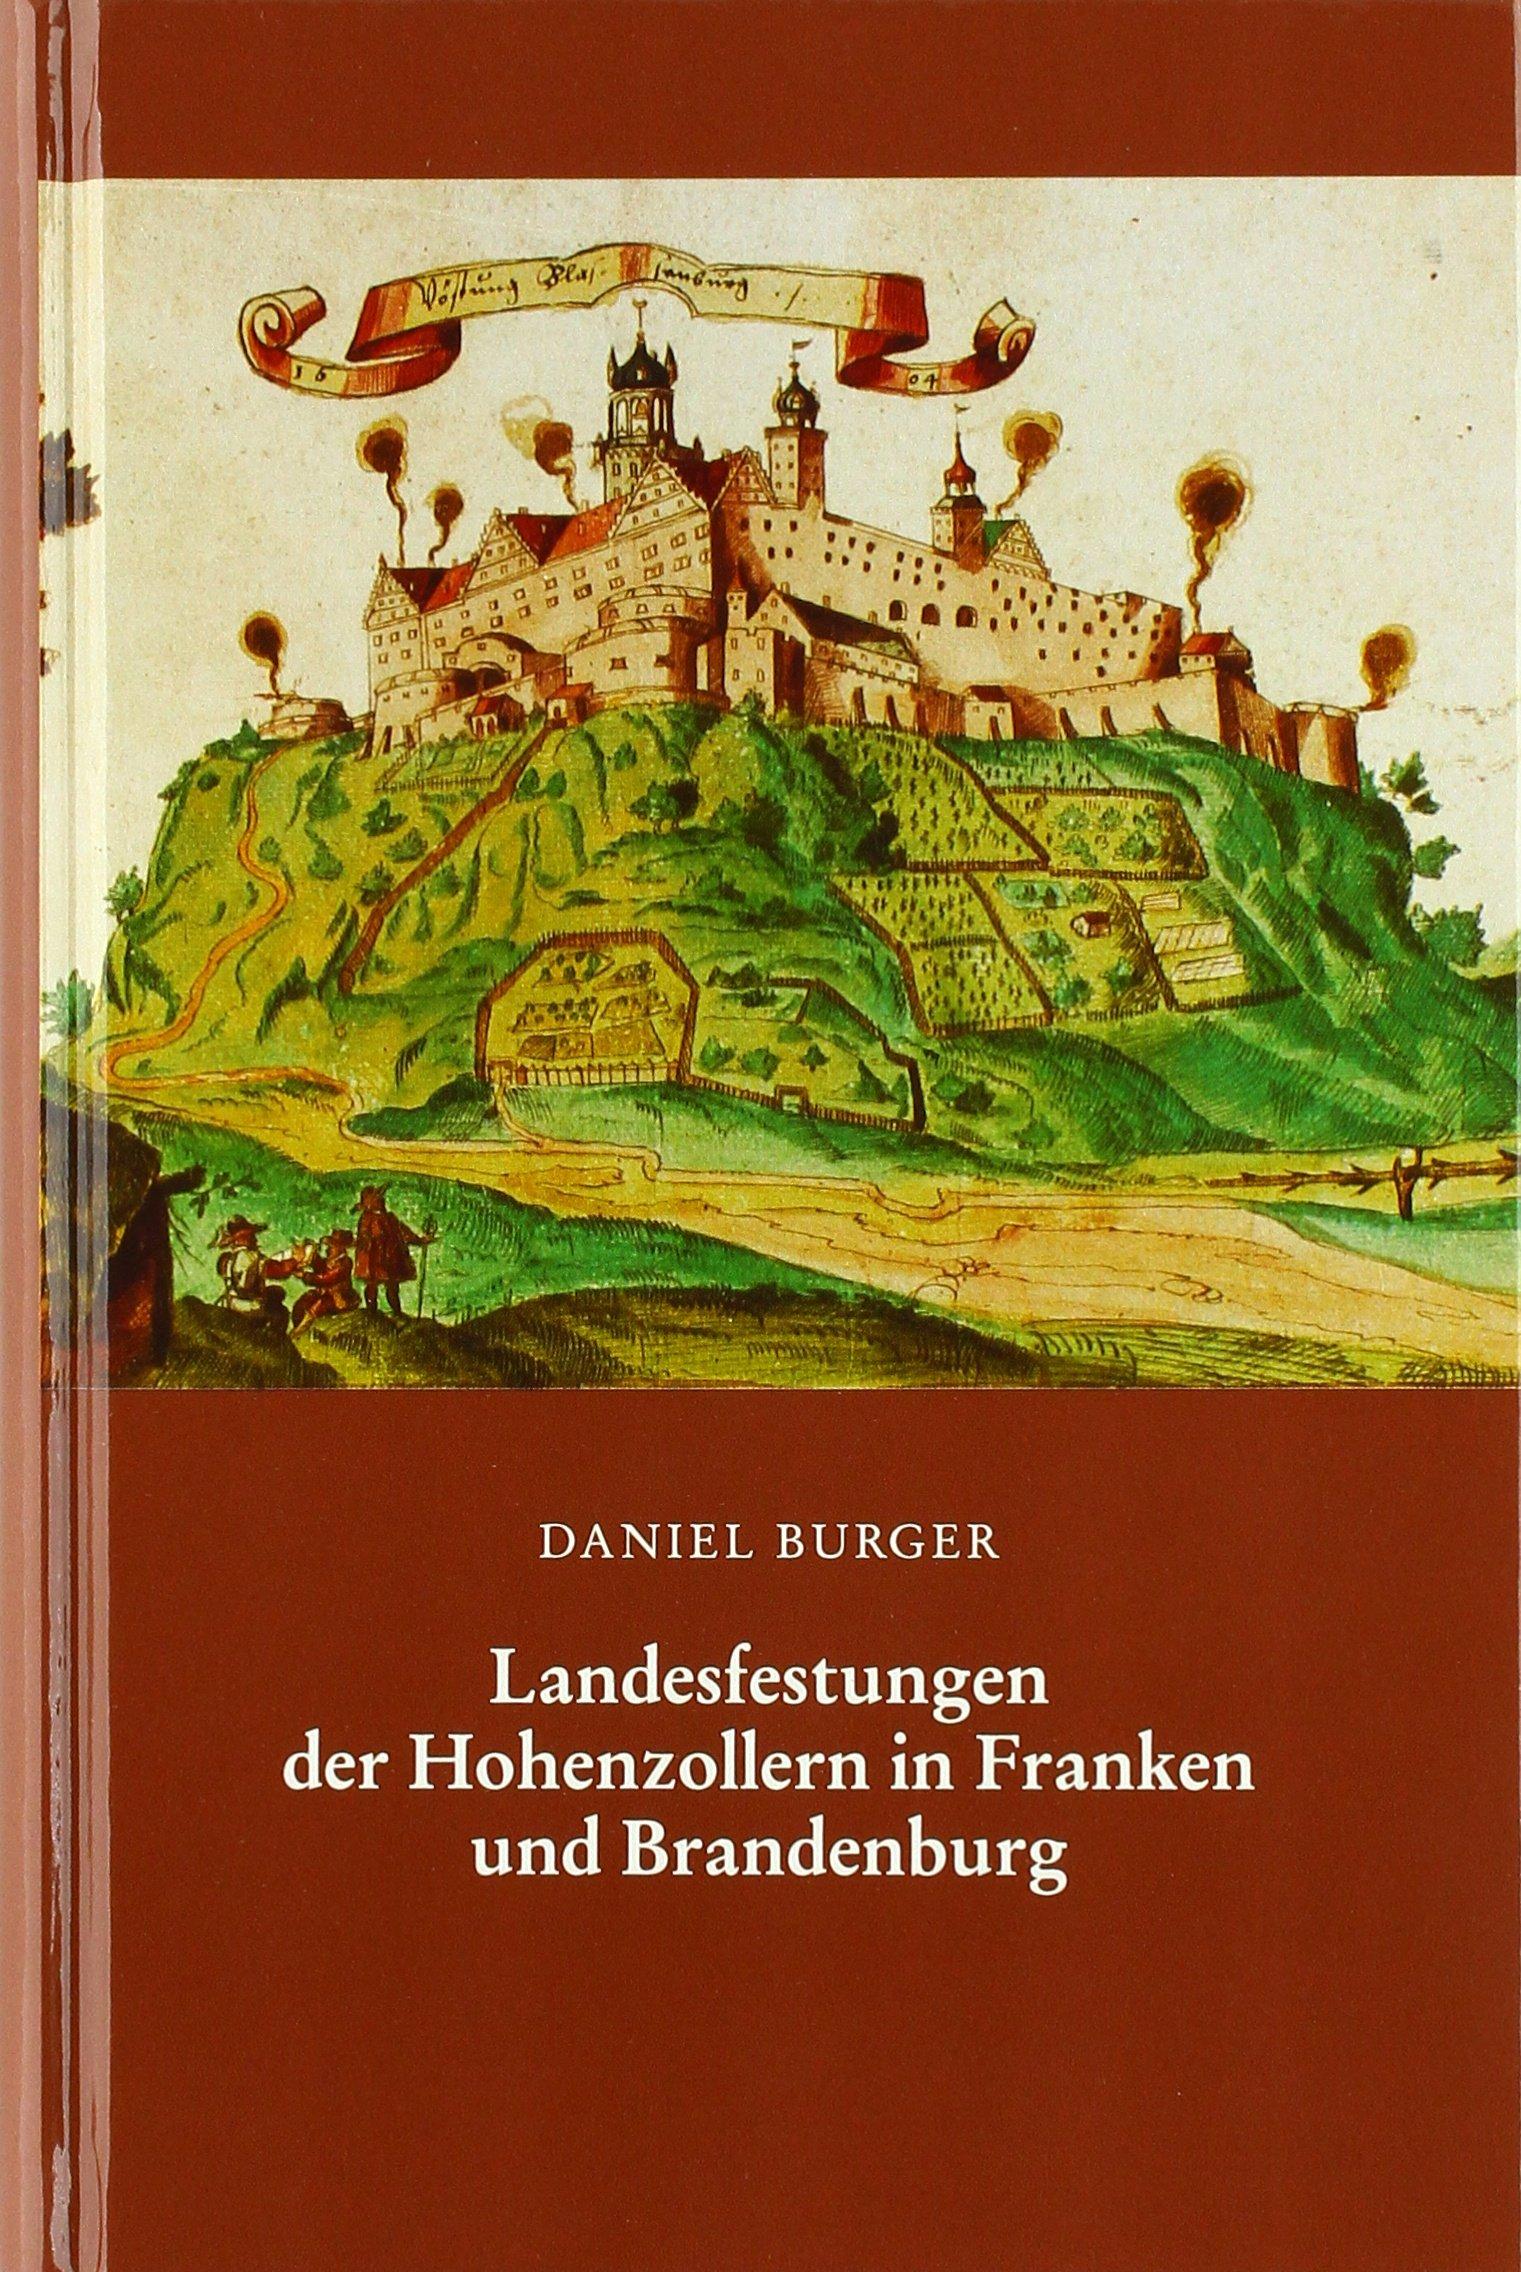 Landesfestungen der Hohenzollern in Franken und Brandenburg (Die Plassenburg)